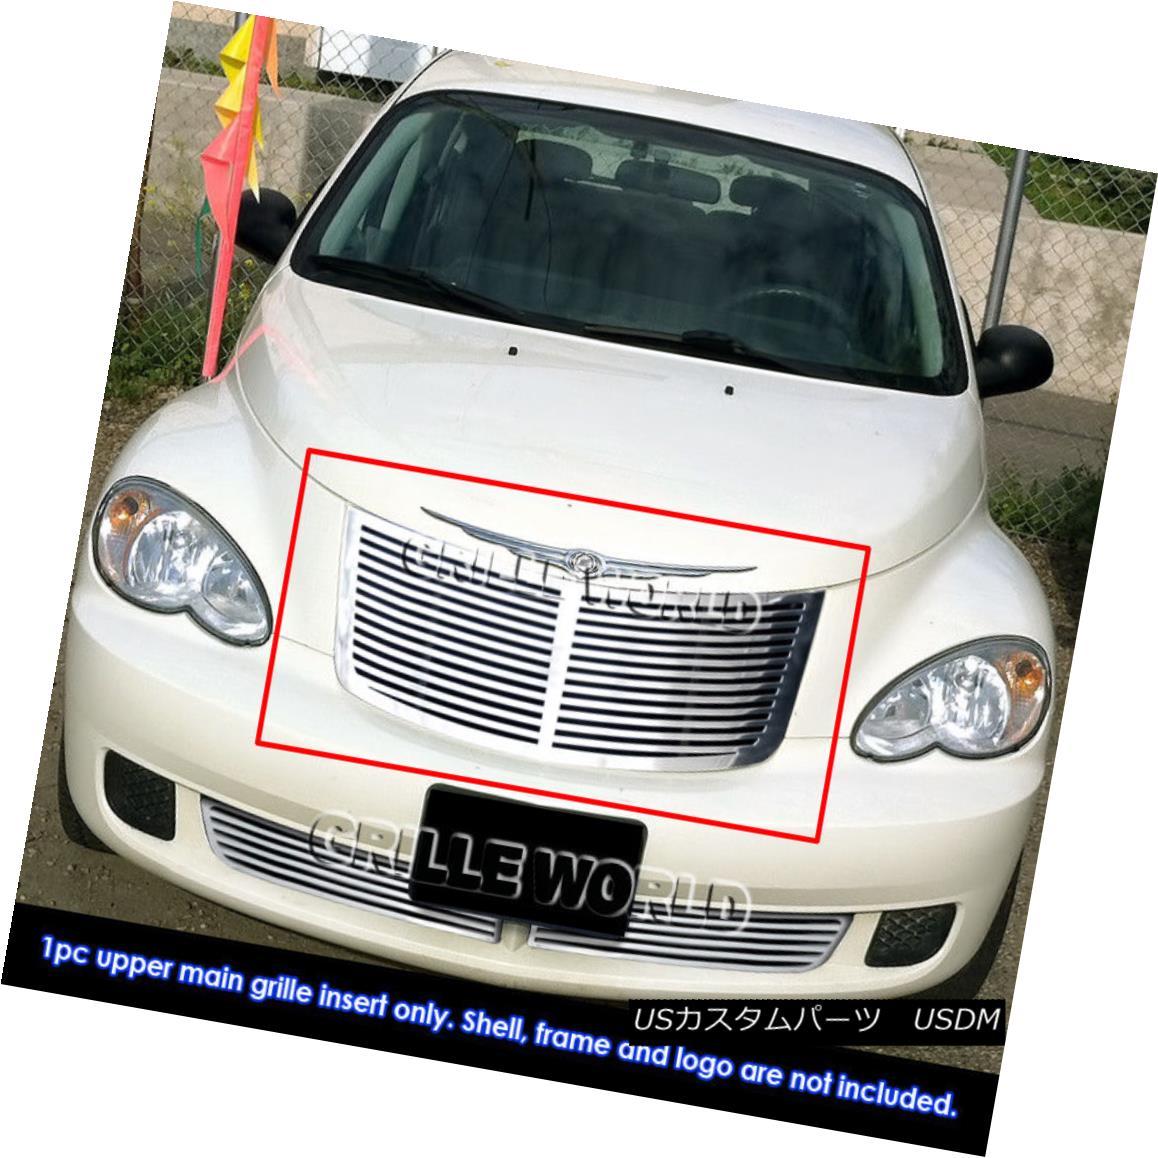 グリル For 2006-2010 Chrysler PT Cruiser Perimeter Grille Grill Insert 2006-2010クライスラーPTクルーザーペリメーターグリルグリルインサート用